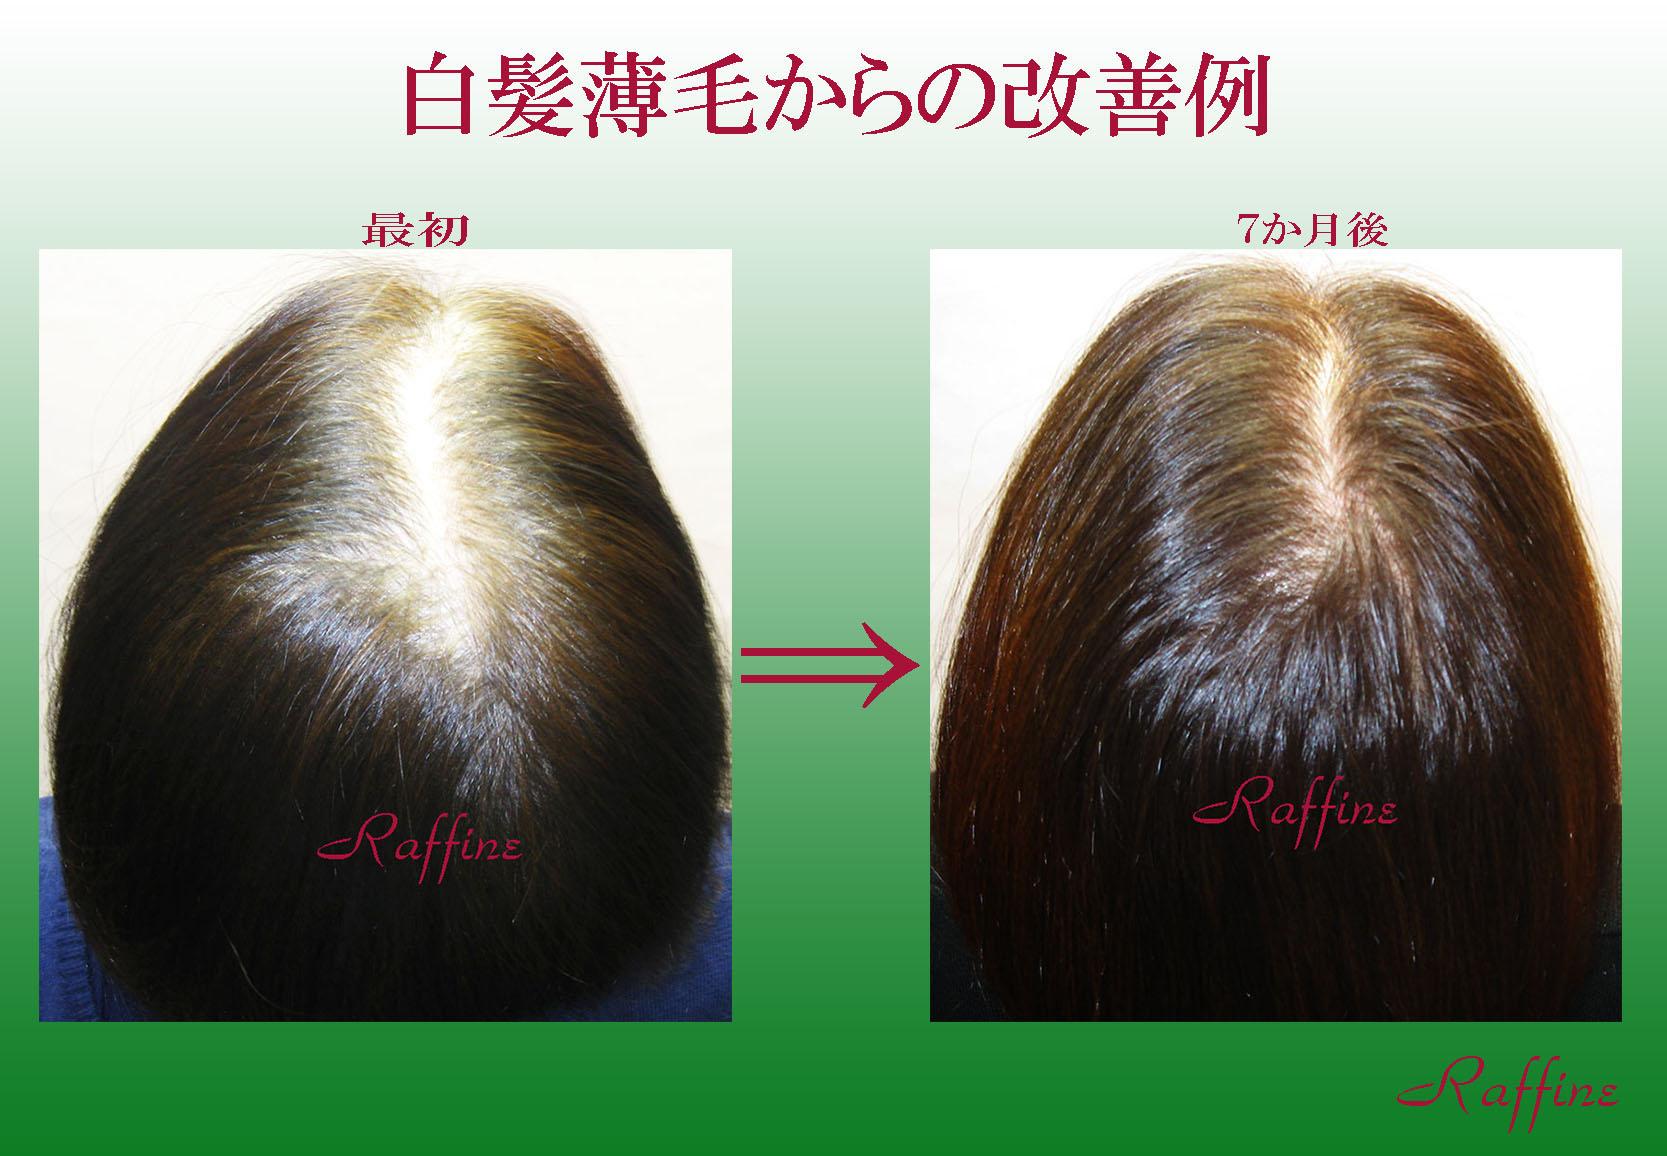 白髪薄毛からの改善例